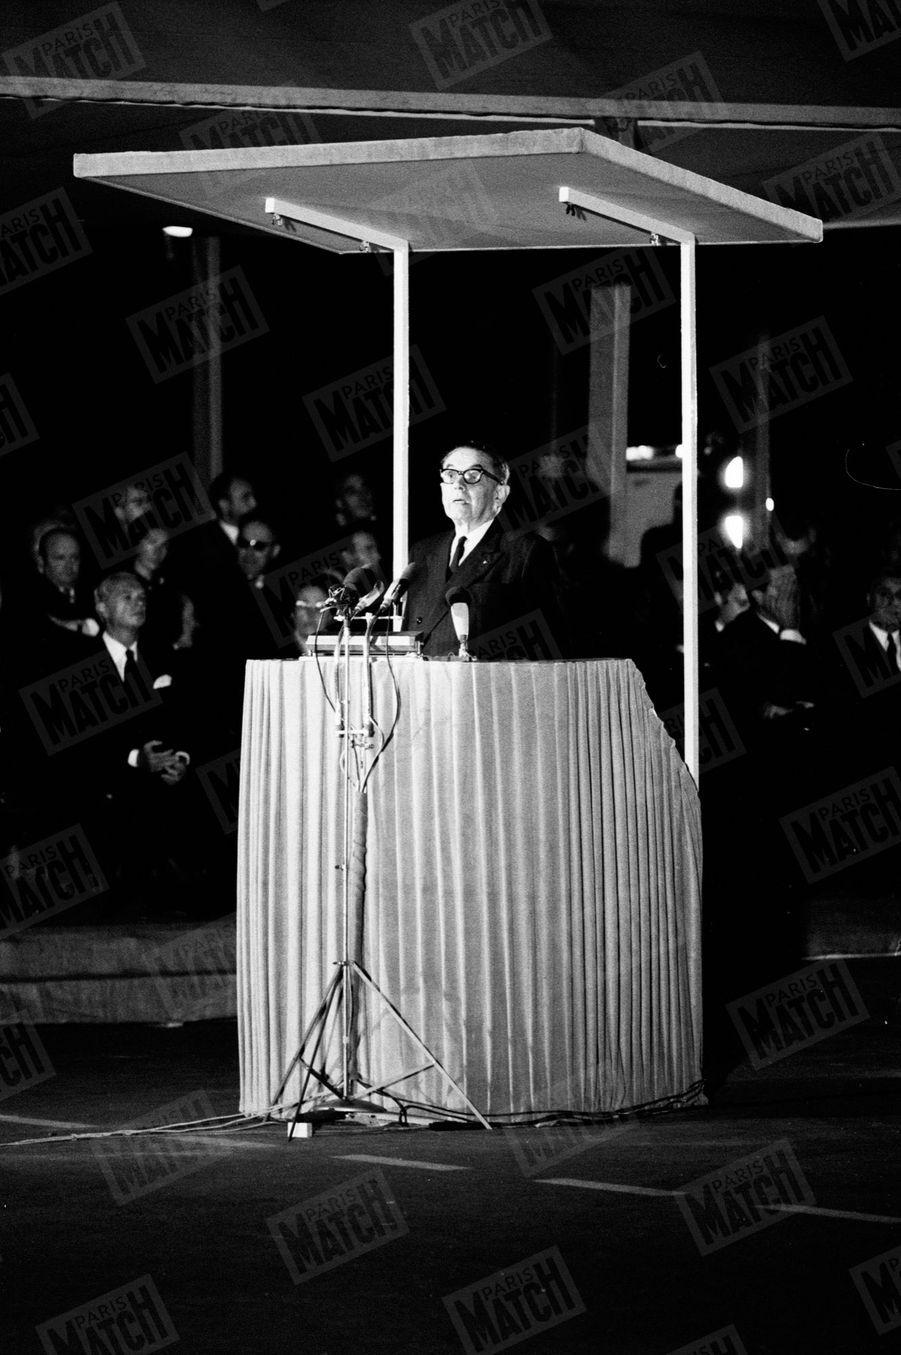 Maurice Genevoix, alors secrétaire perpétuel de l'Académie française, lors de l'hommage national à François Mauriac, devant l'Institut, le 4 septembre 1970.